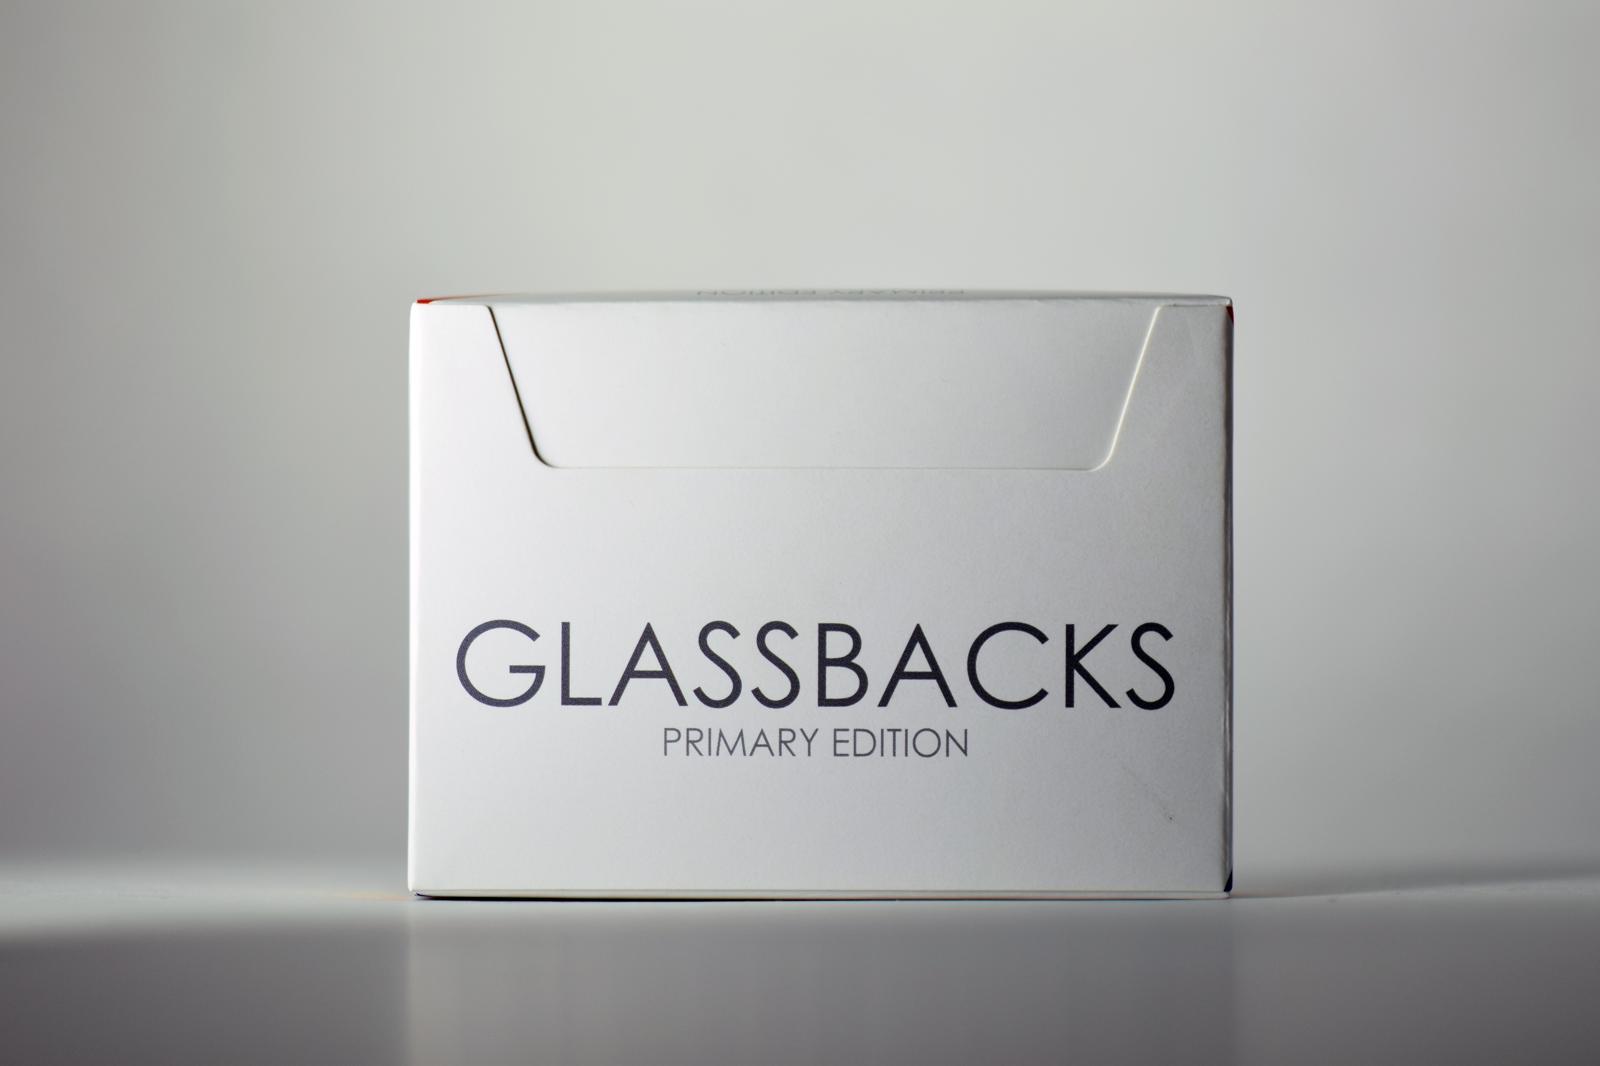 GlassbacksFront